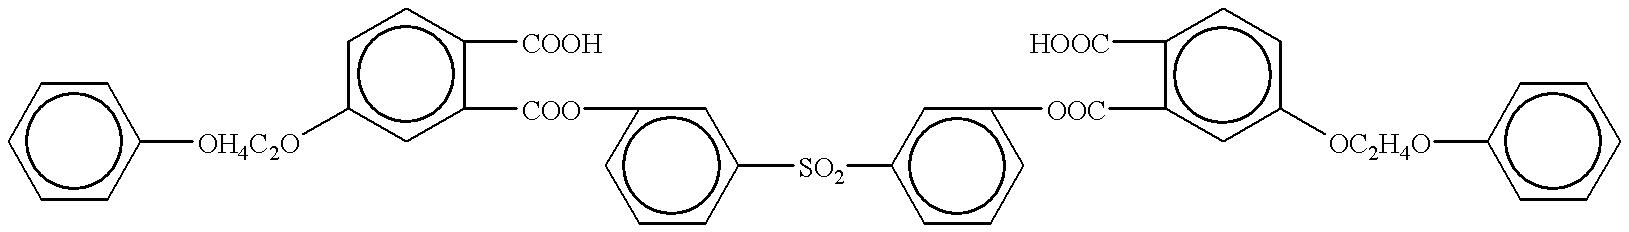 Figure US06180560-20010130-C00199